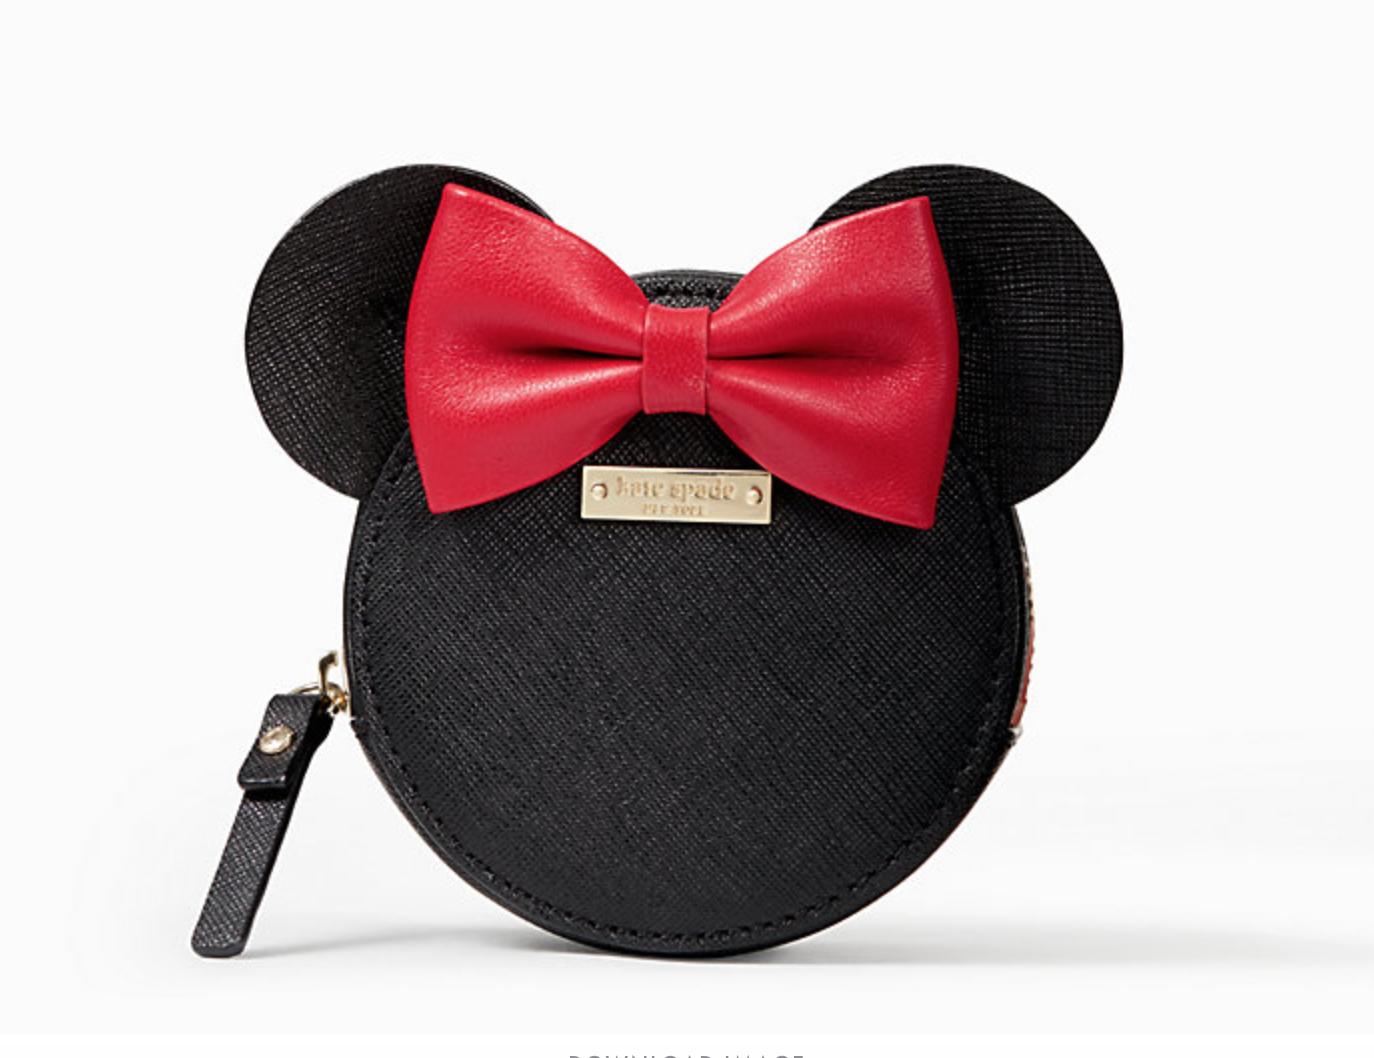 kate spade x minnie mouse 官網限定款 7款米妮聯名商品 代購 by 第五大道美國代購 | Go1Buy1